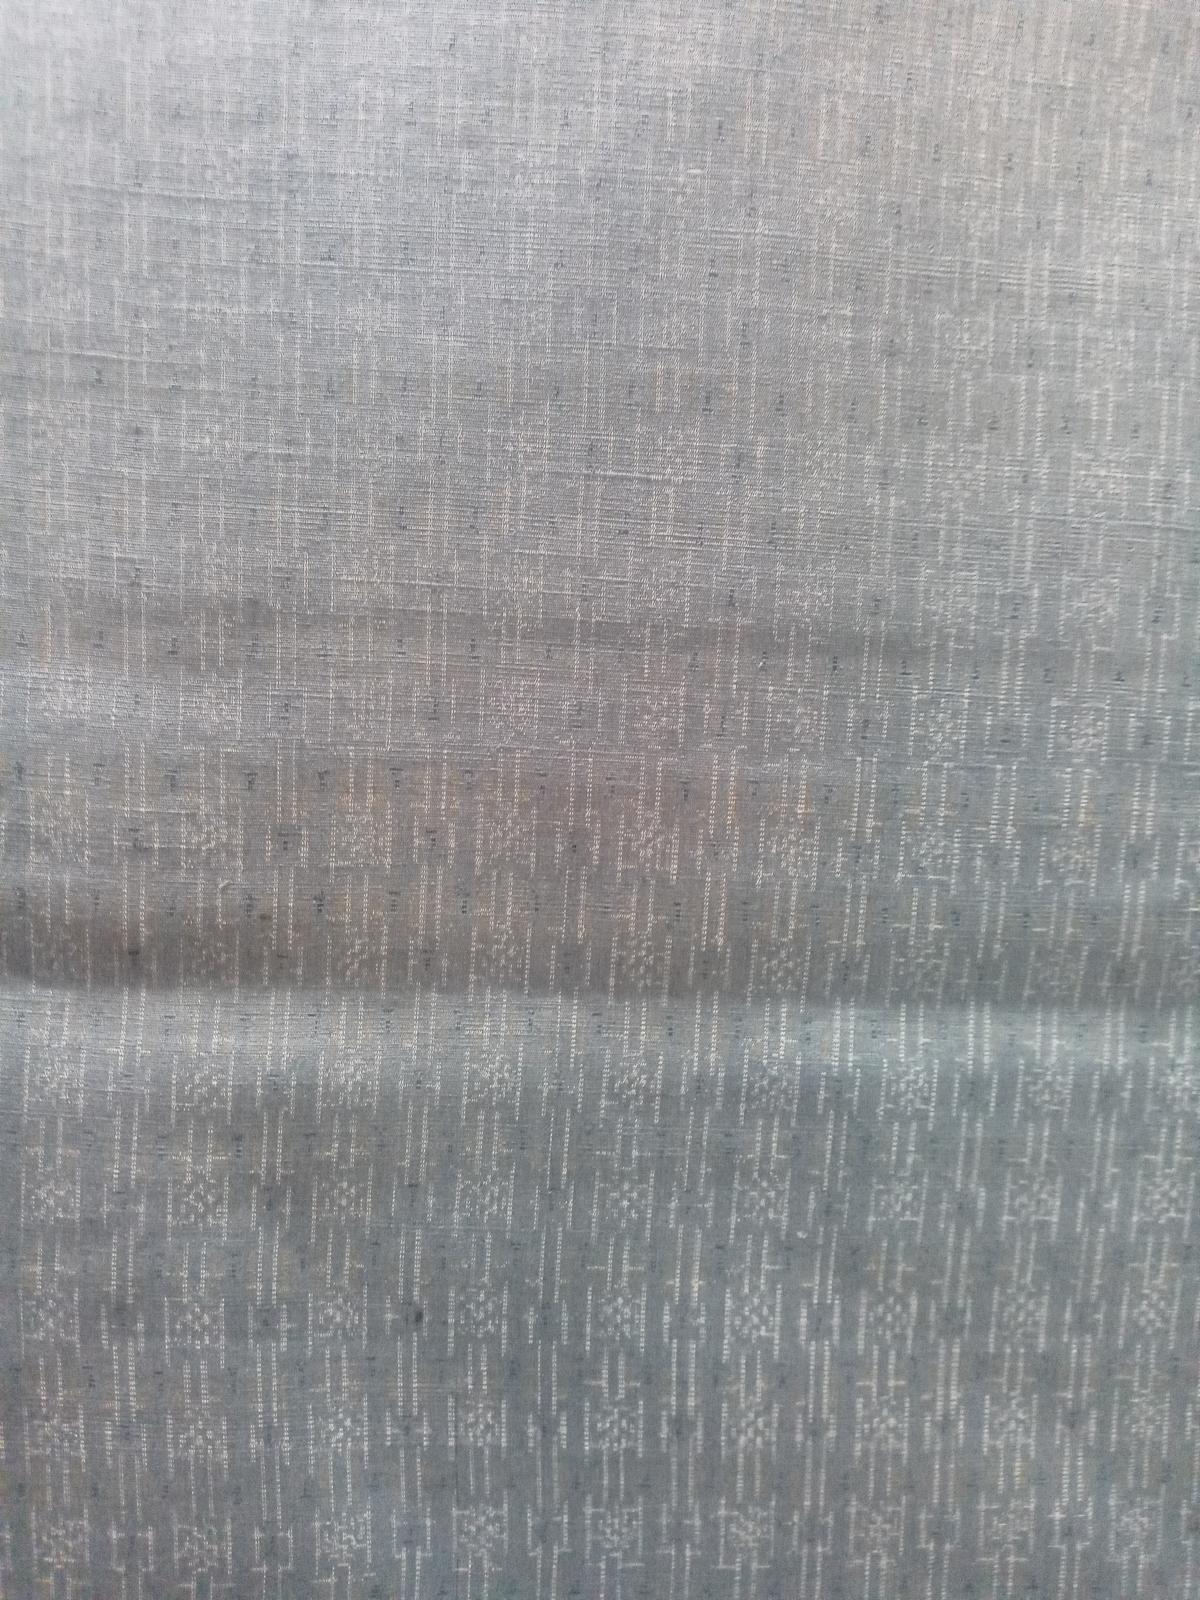 f:id:uribouwataru:20210815110222j:plain